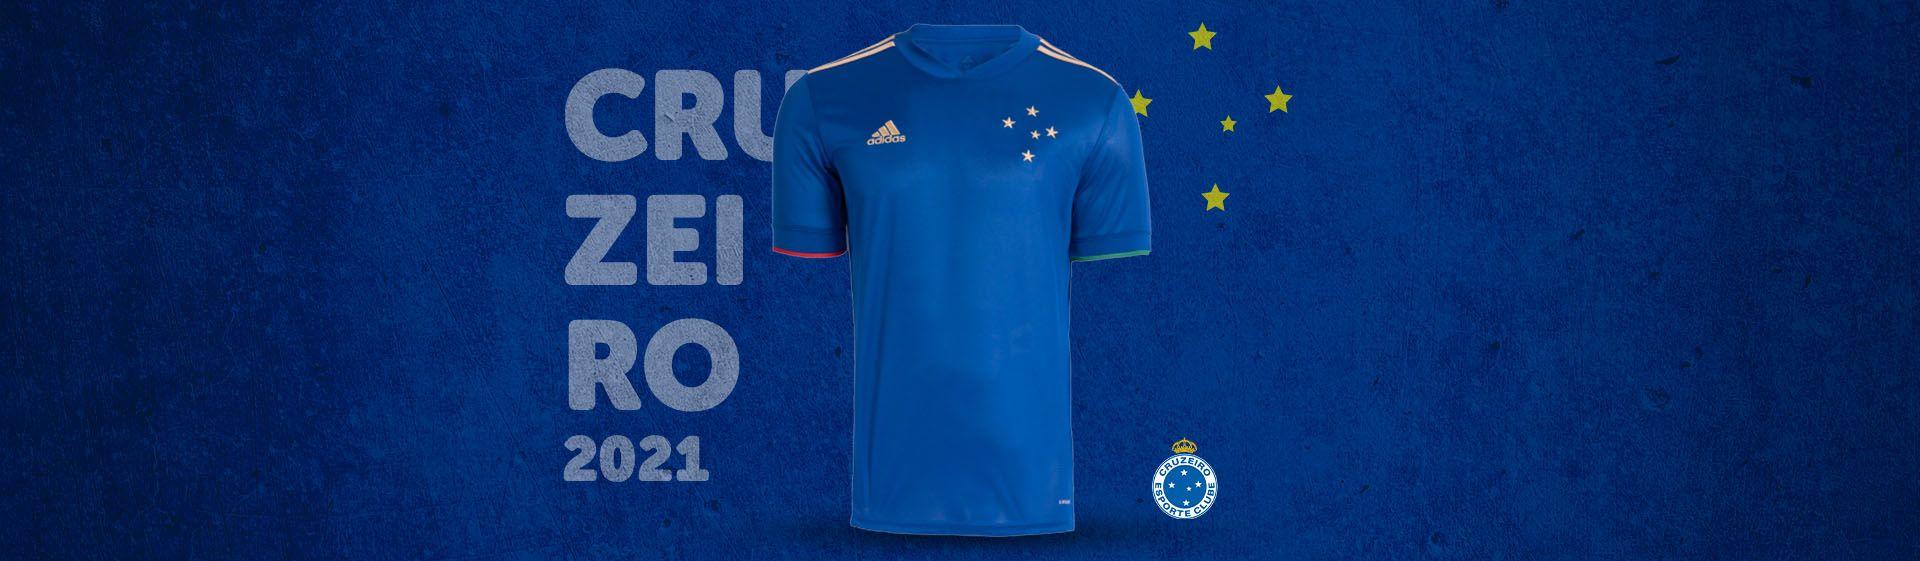 Camisa do Cruzeiro: camisas do Cruzeiro para comprar em 2021